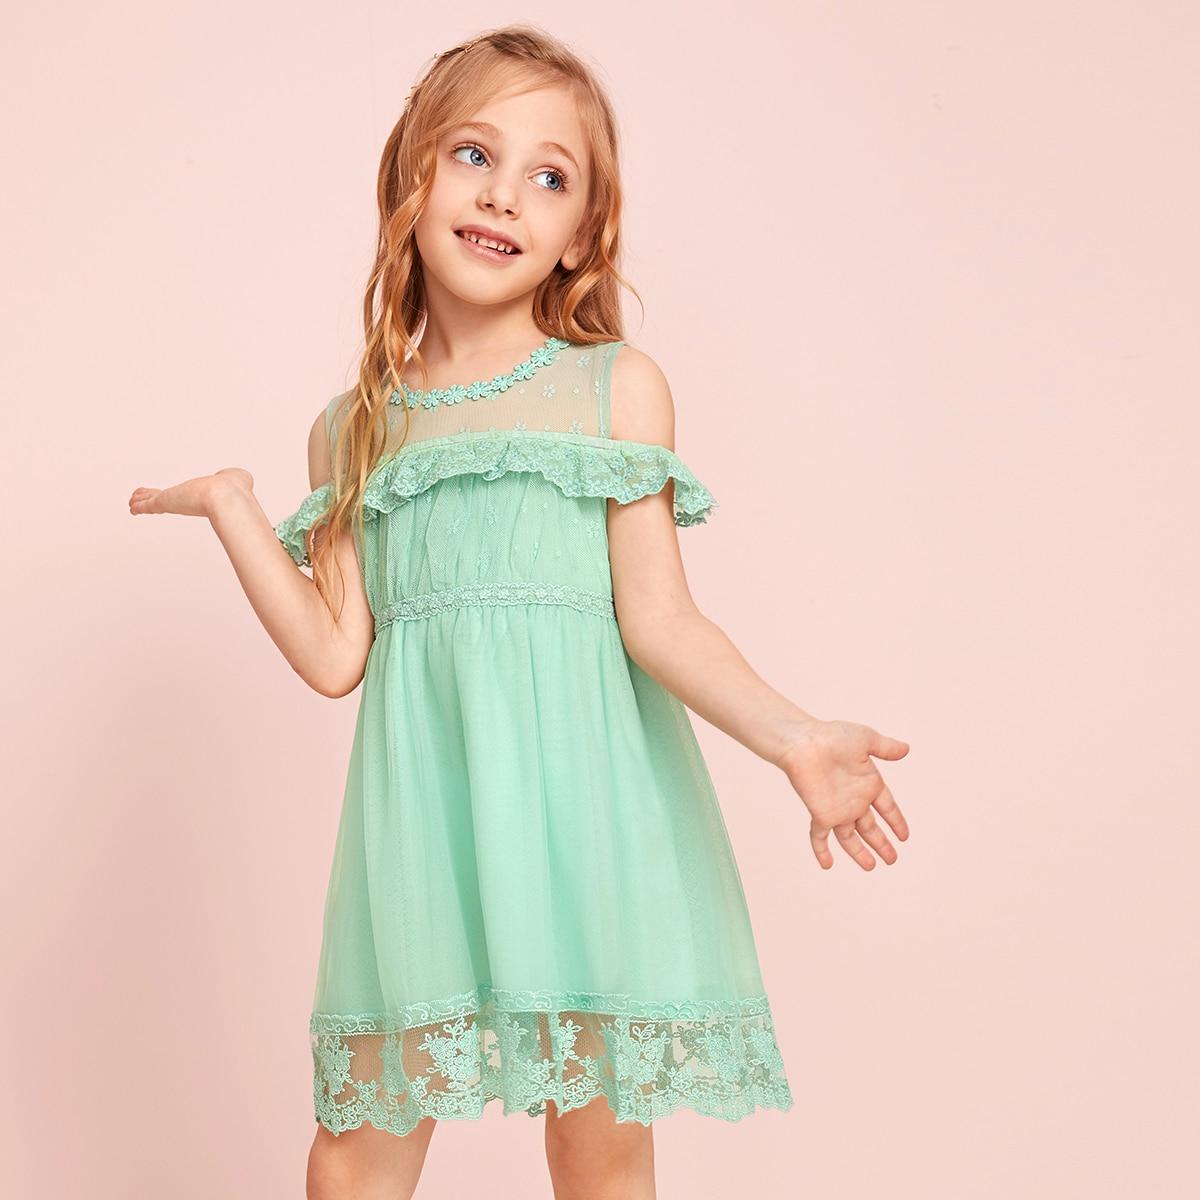 Сетчатое платье с оборками и кружевной отделкой для девочек